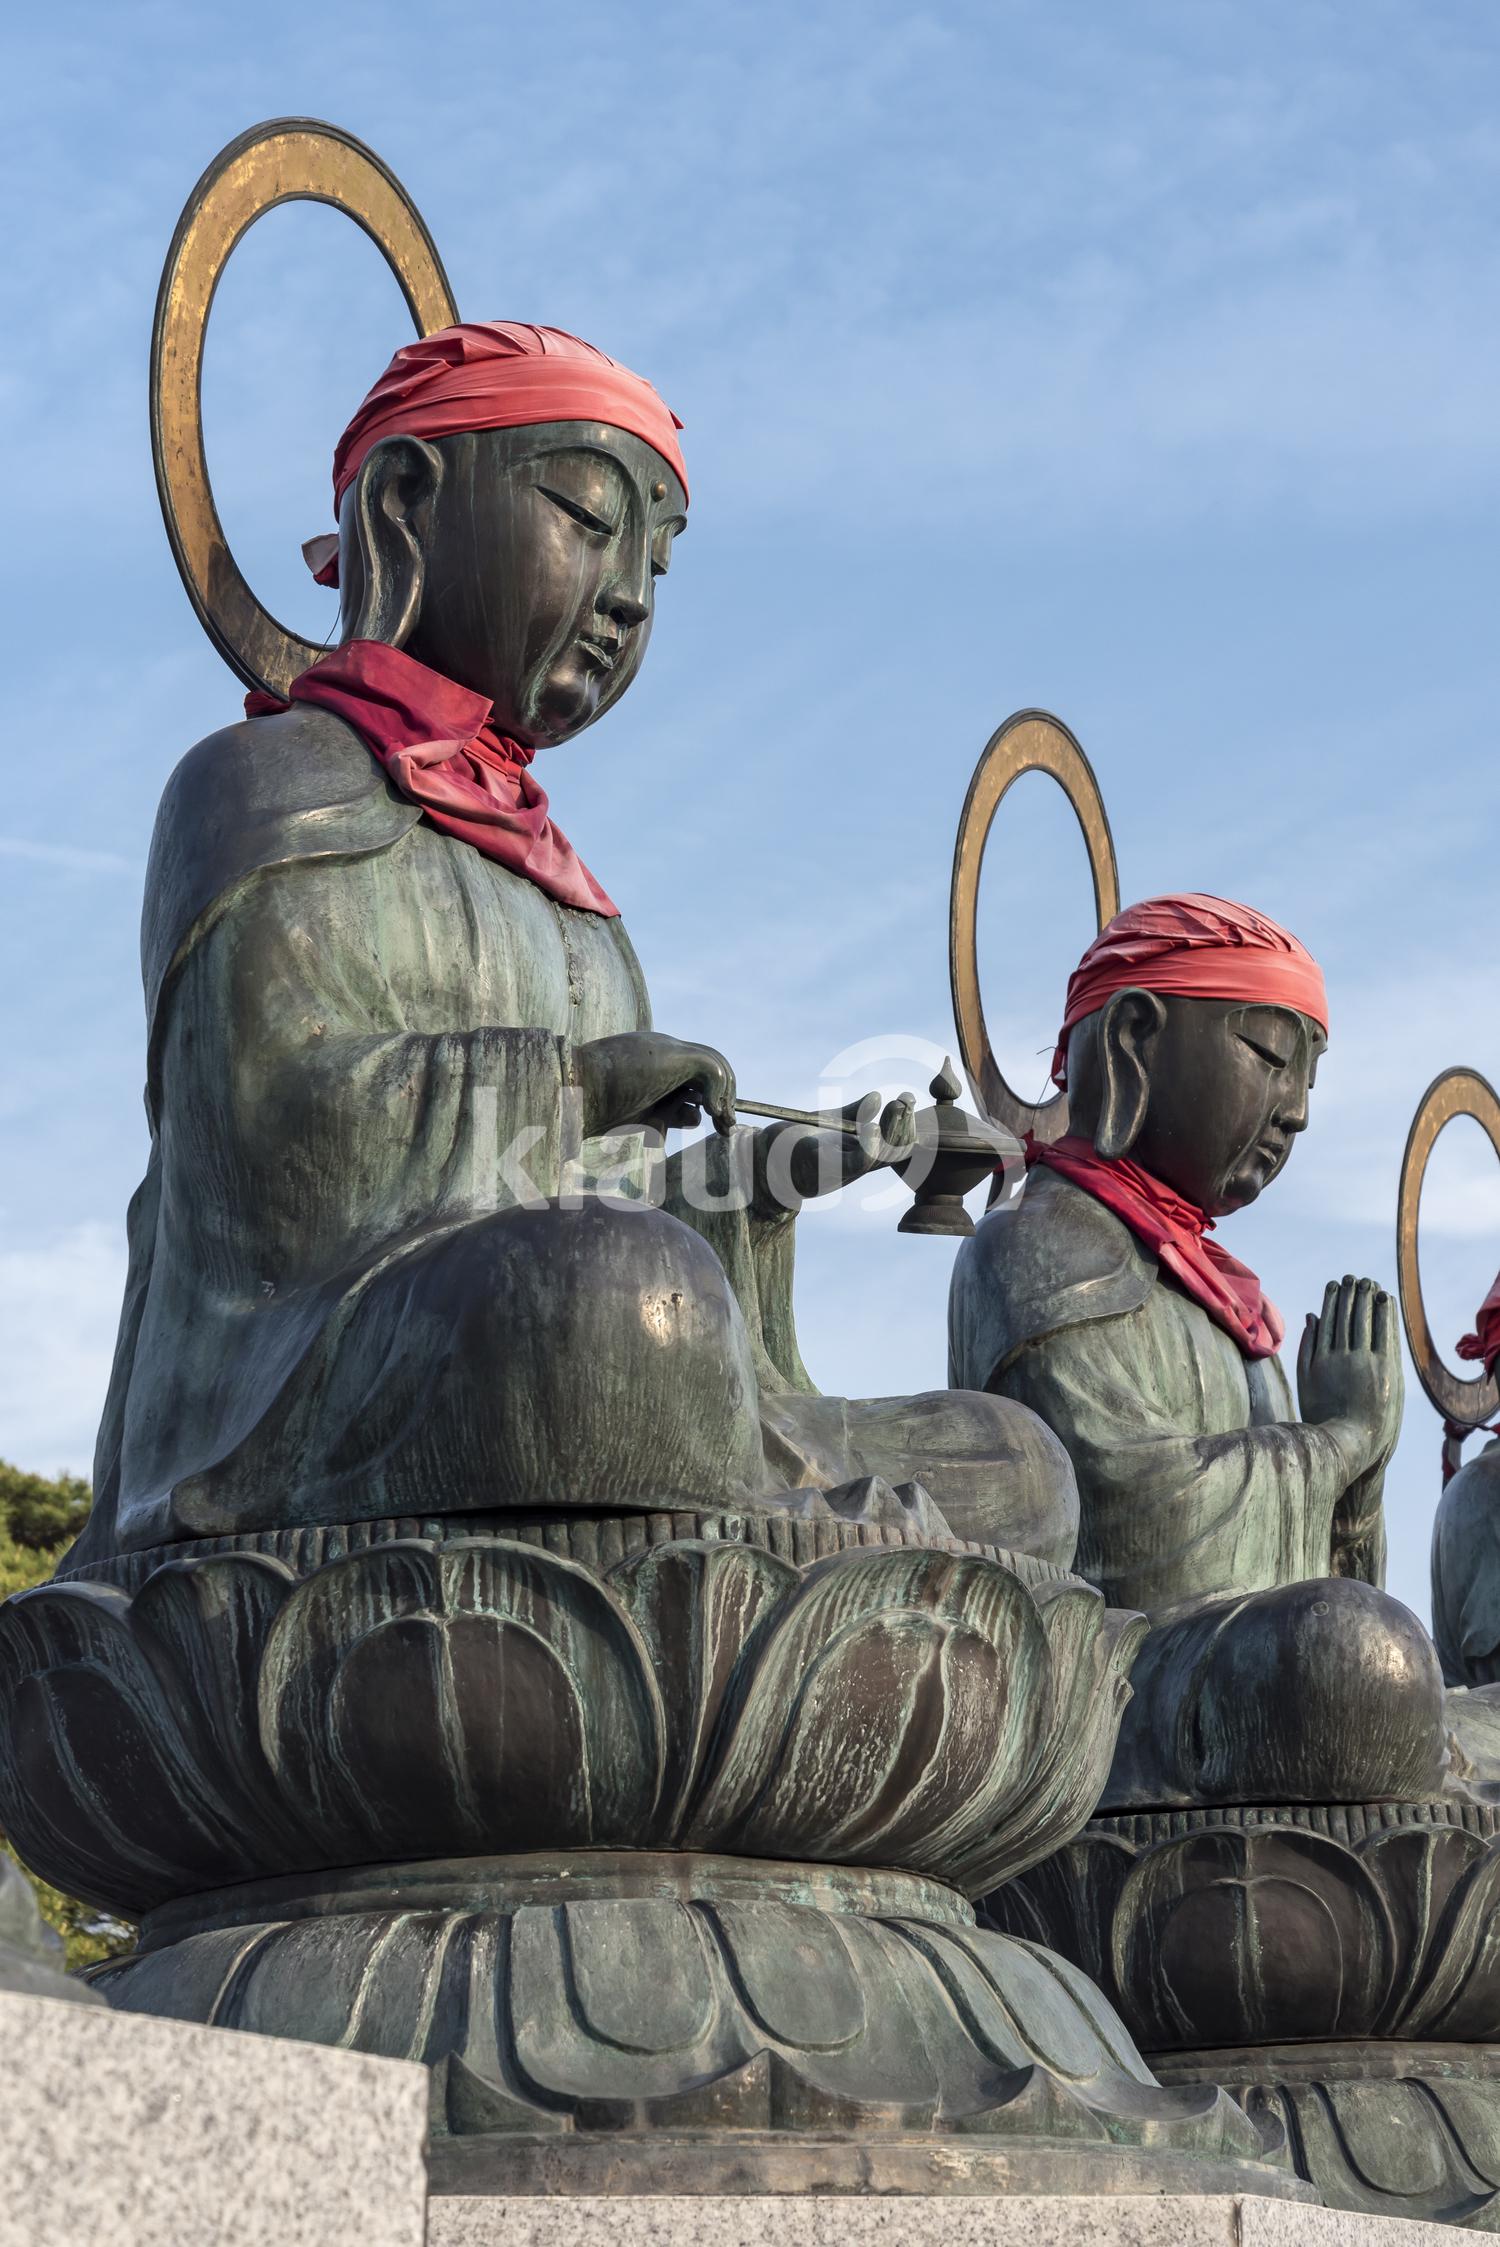 Roku jizo Statues, Zenko-ji, Nagano